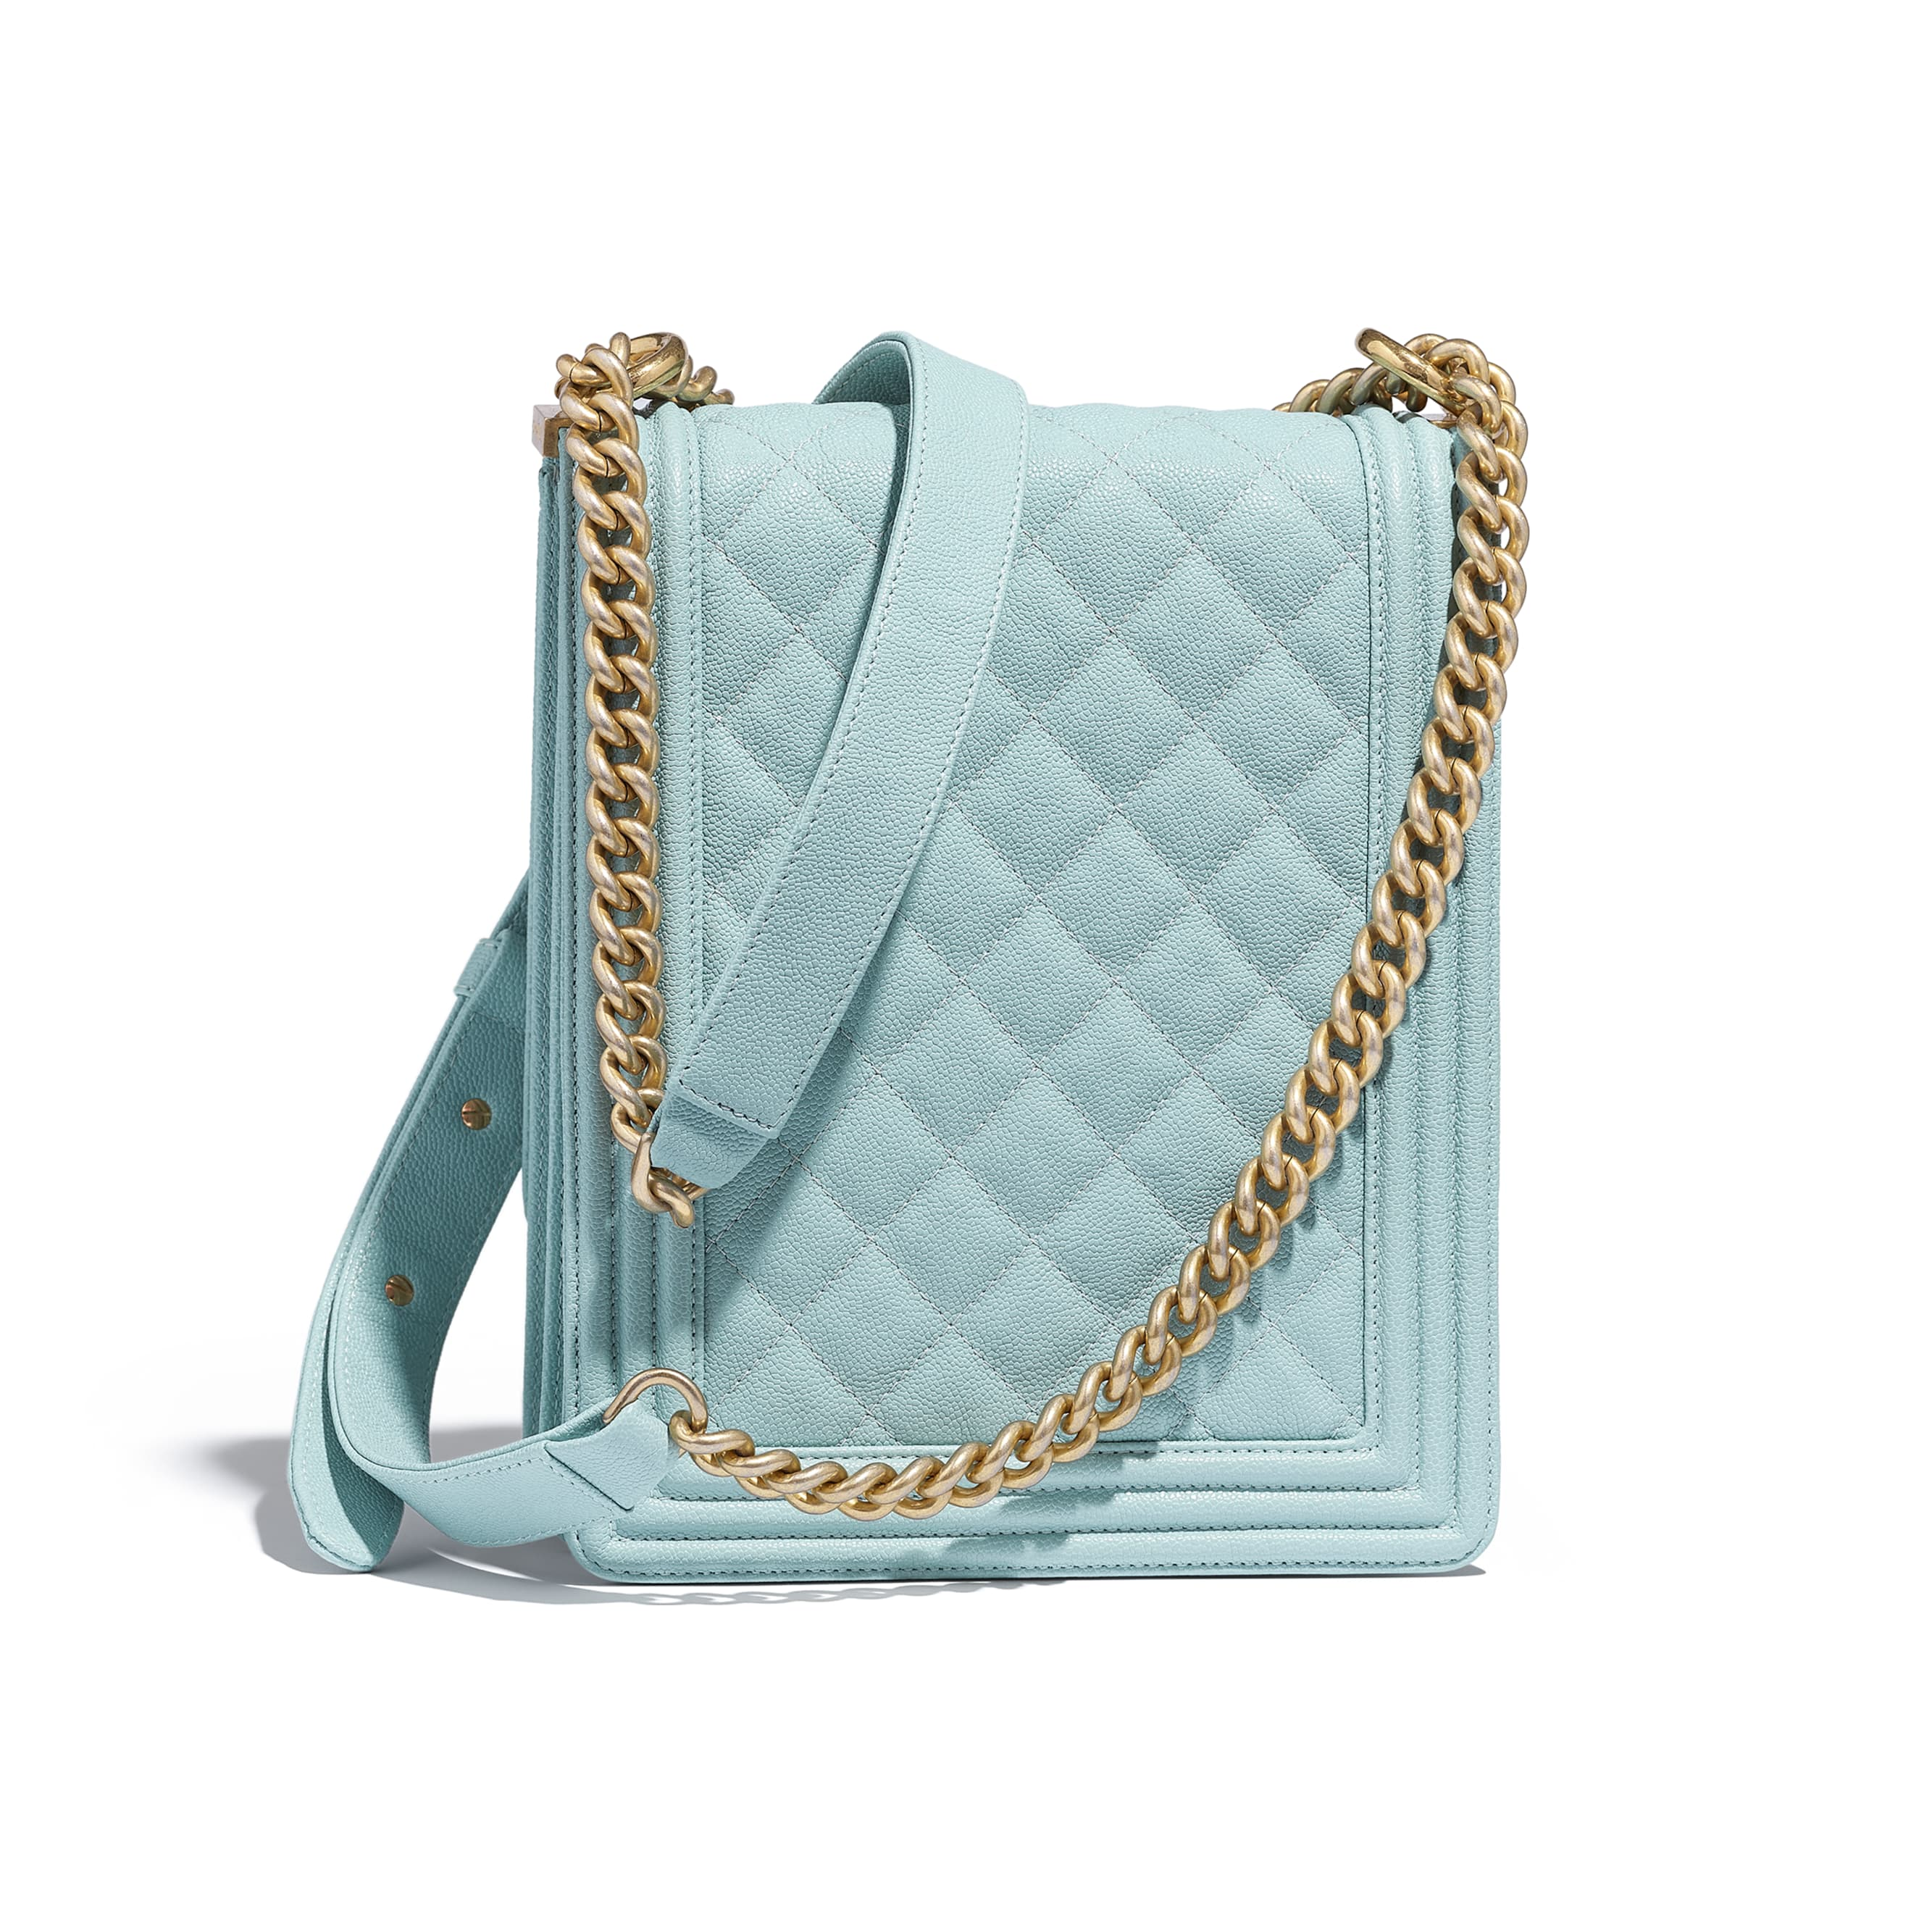 e681366d74f0 ... BOY CHANEL Handbag - Light Blue - Grained Calfskin   Gold-Tone Metal -  Alternative